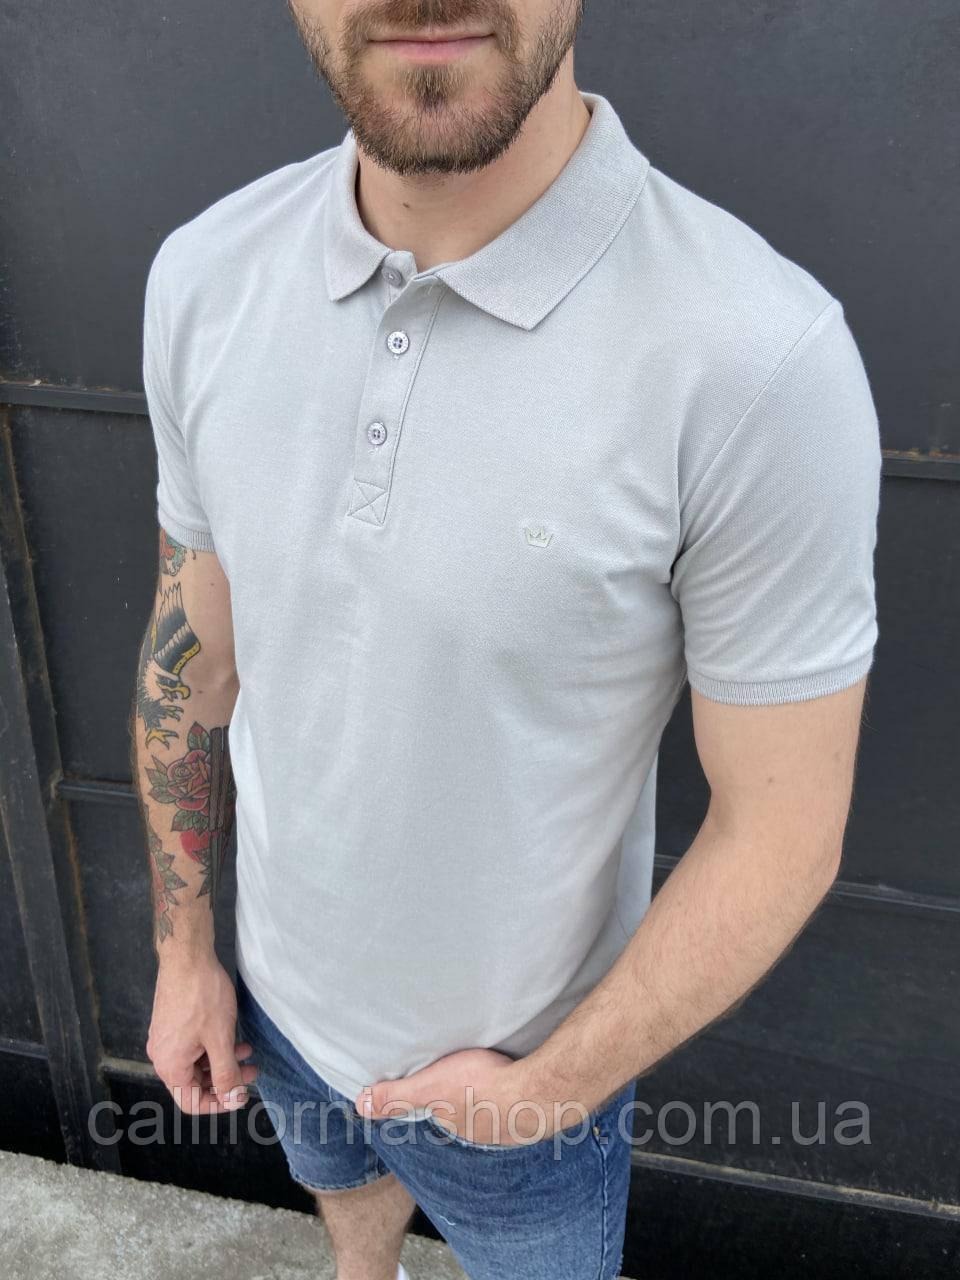 Мужская футболка поло светло-серая с воротником